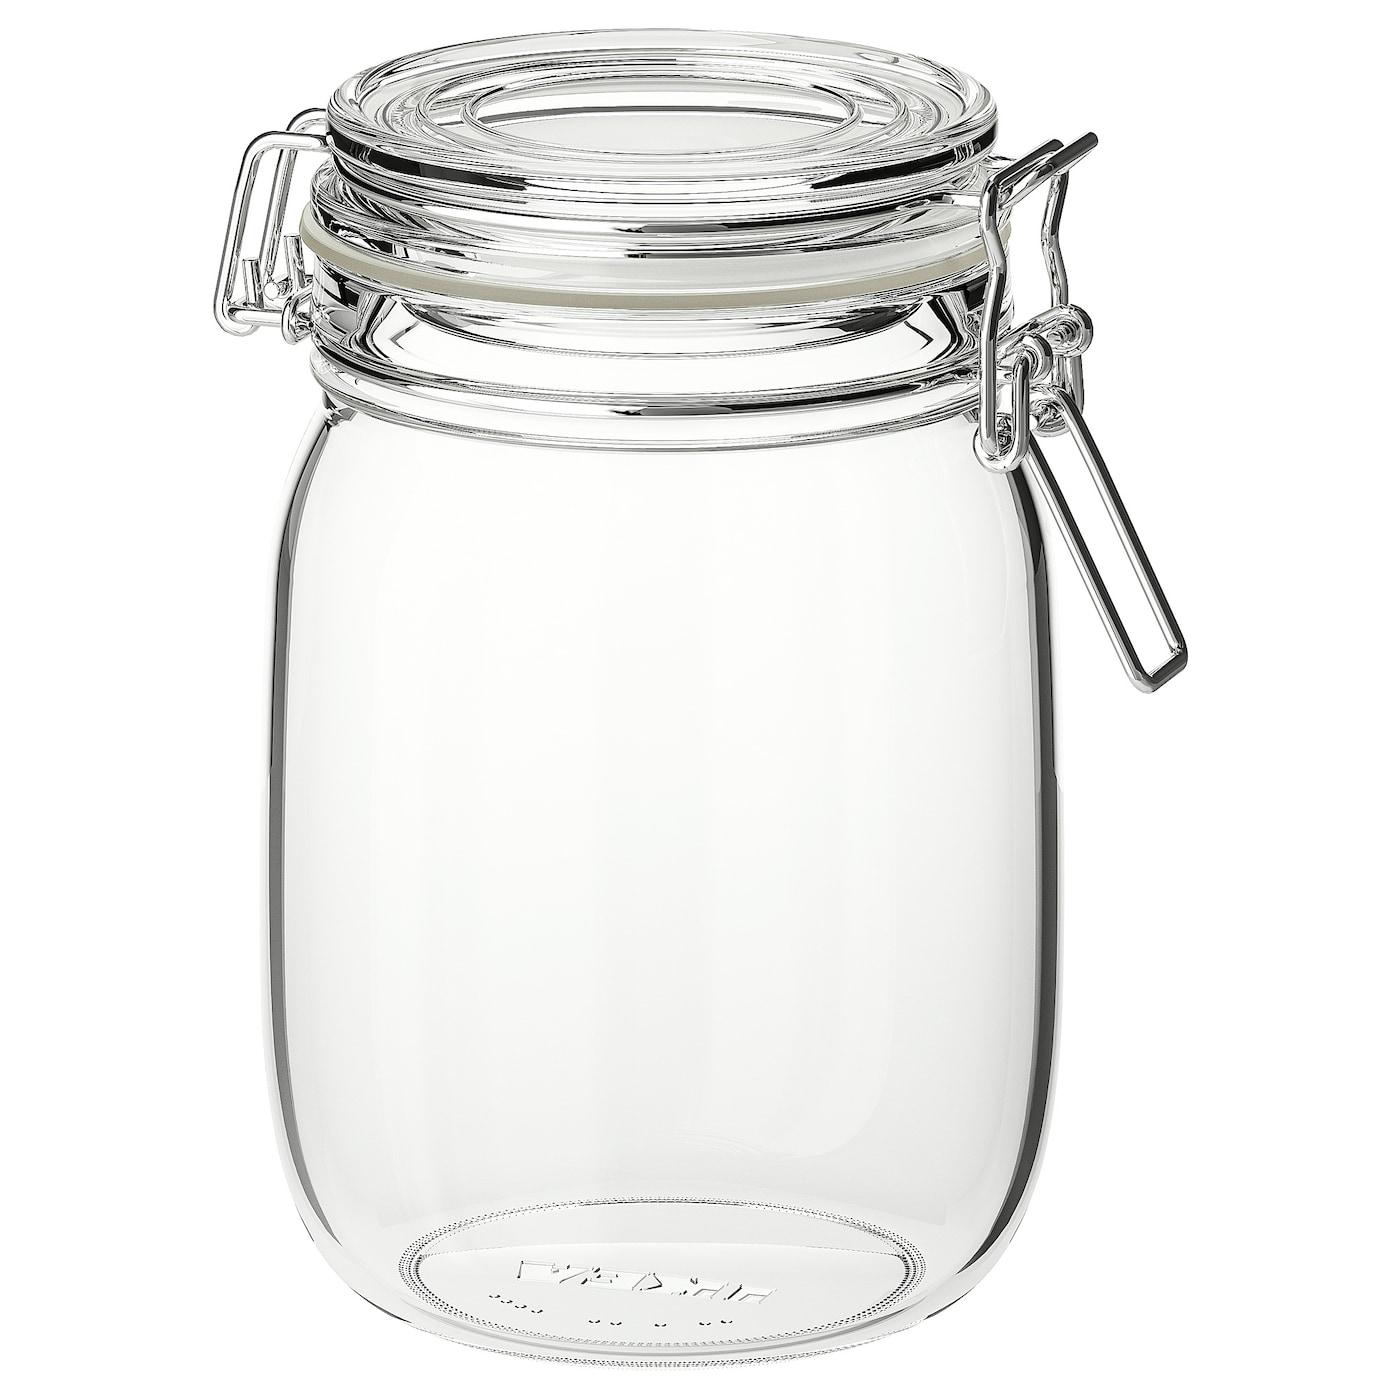 Korken Jar With Lid Clear Glass Ikea